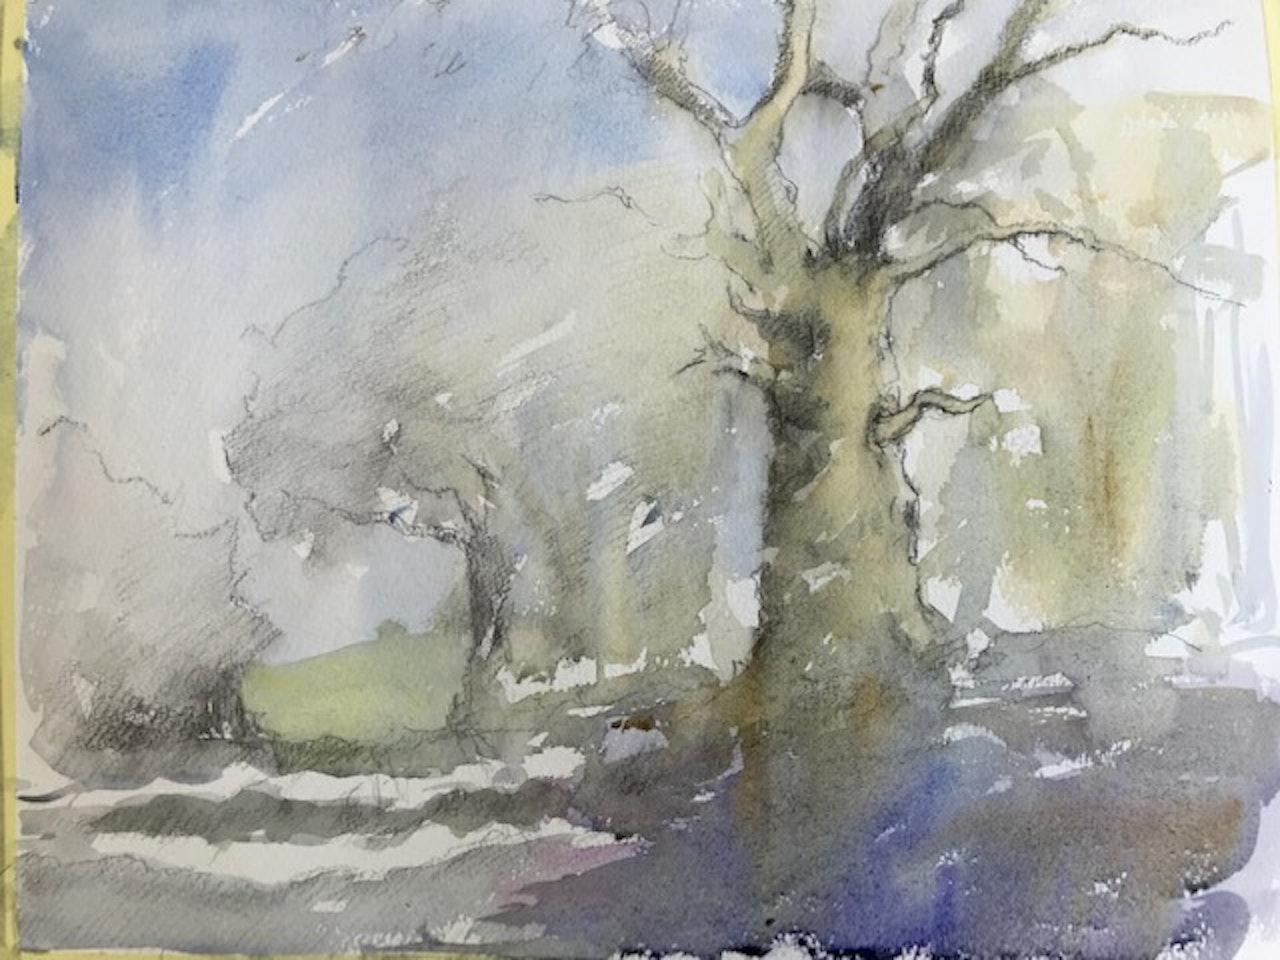 2. Wychwood tree